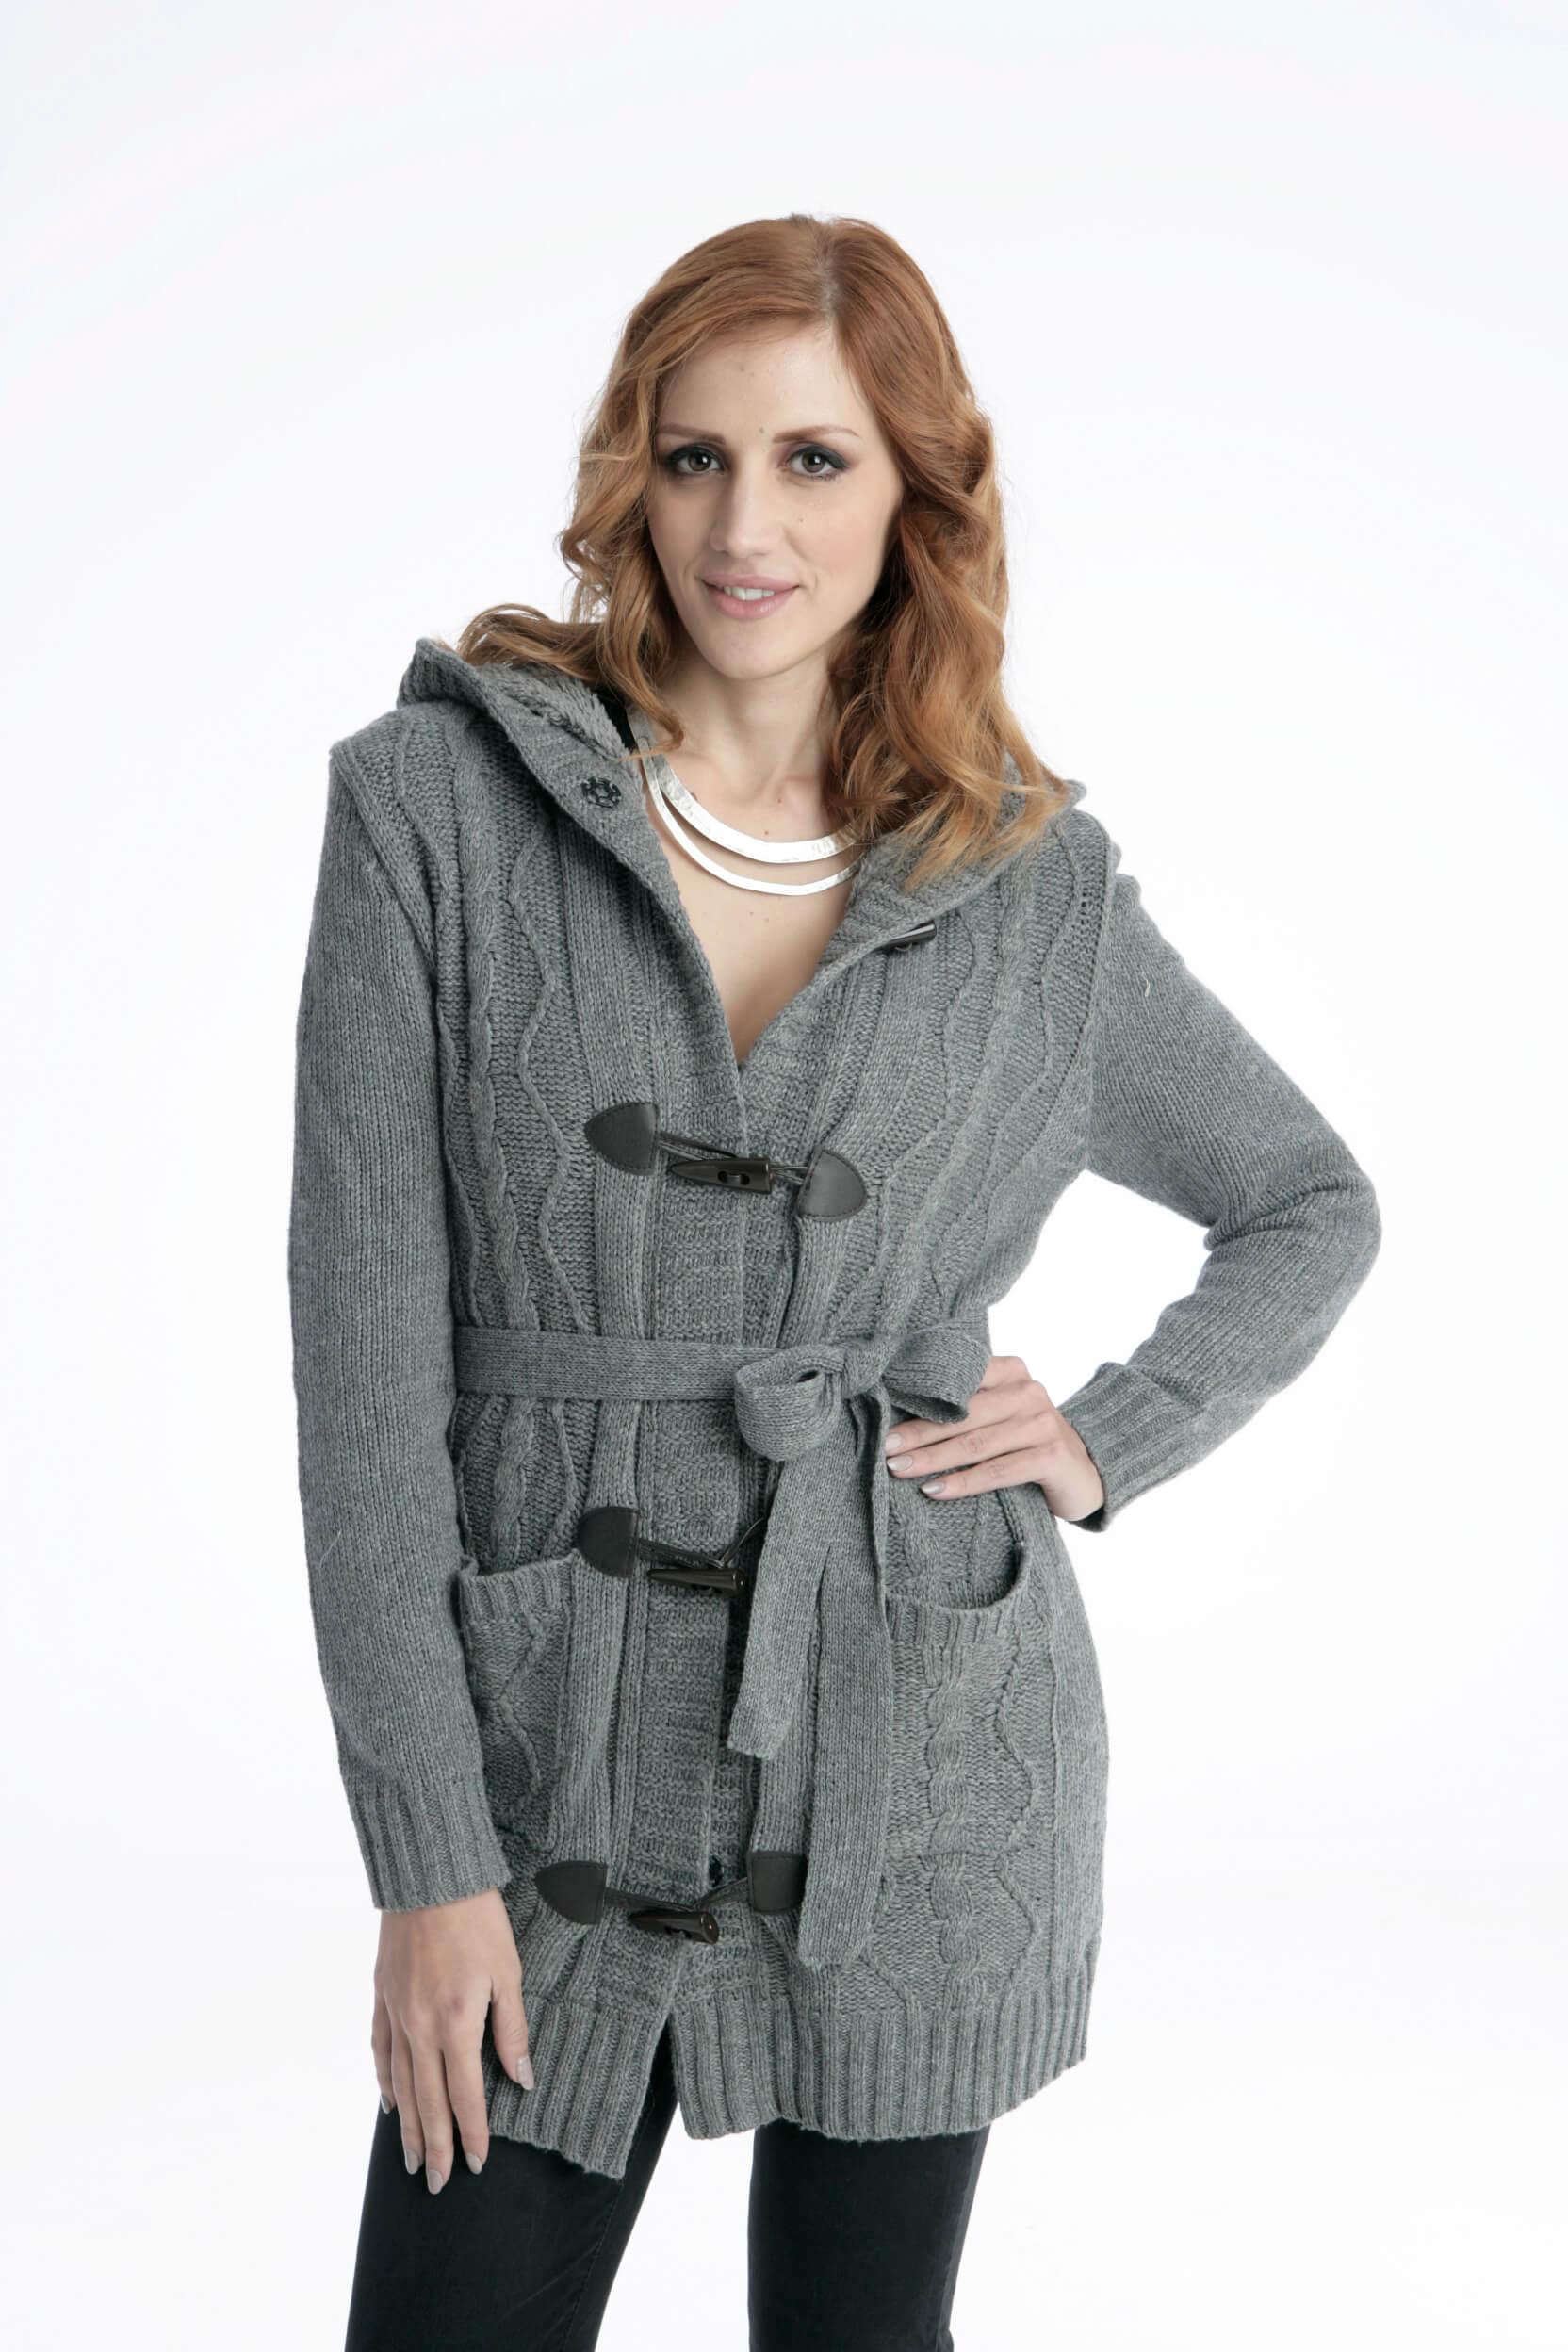 Γυναικείο Μπουφάν Ζακέτα με Κουκούλα - Prestige Fashion 536eeec74da